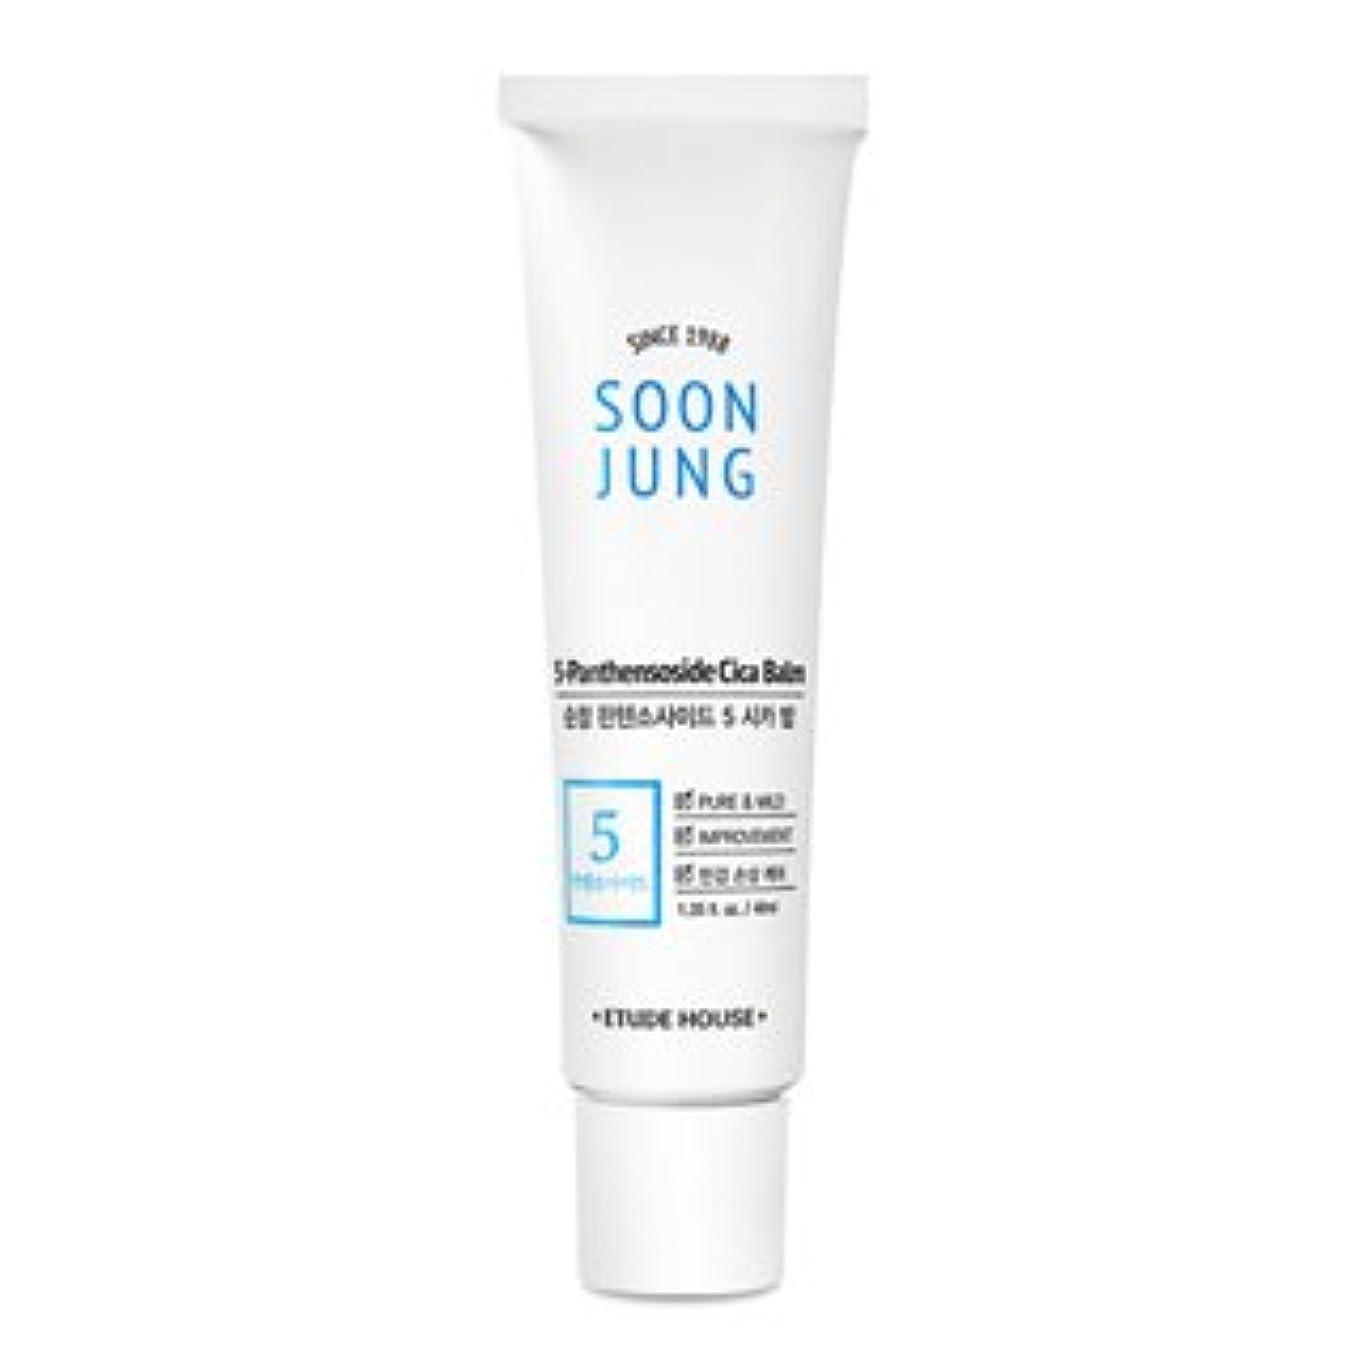 ミュージカル四練る[New] ETUDE HOUSE Soon Jung 5-Panthensoside Cica Balm/エチュードハウス スンジョン 5-パンテンソシド シカ バーム (40ml) [並行輸入品]